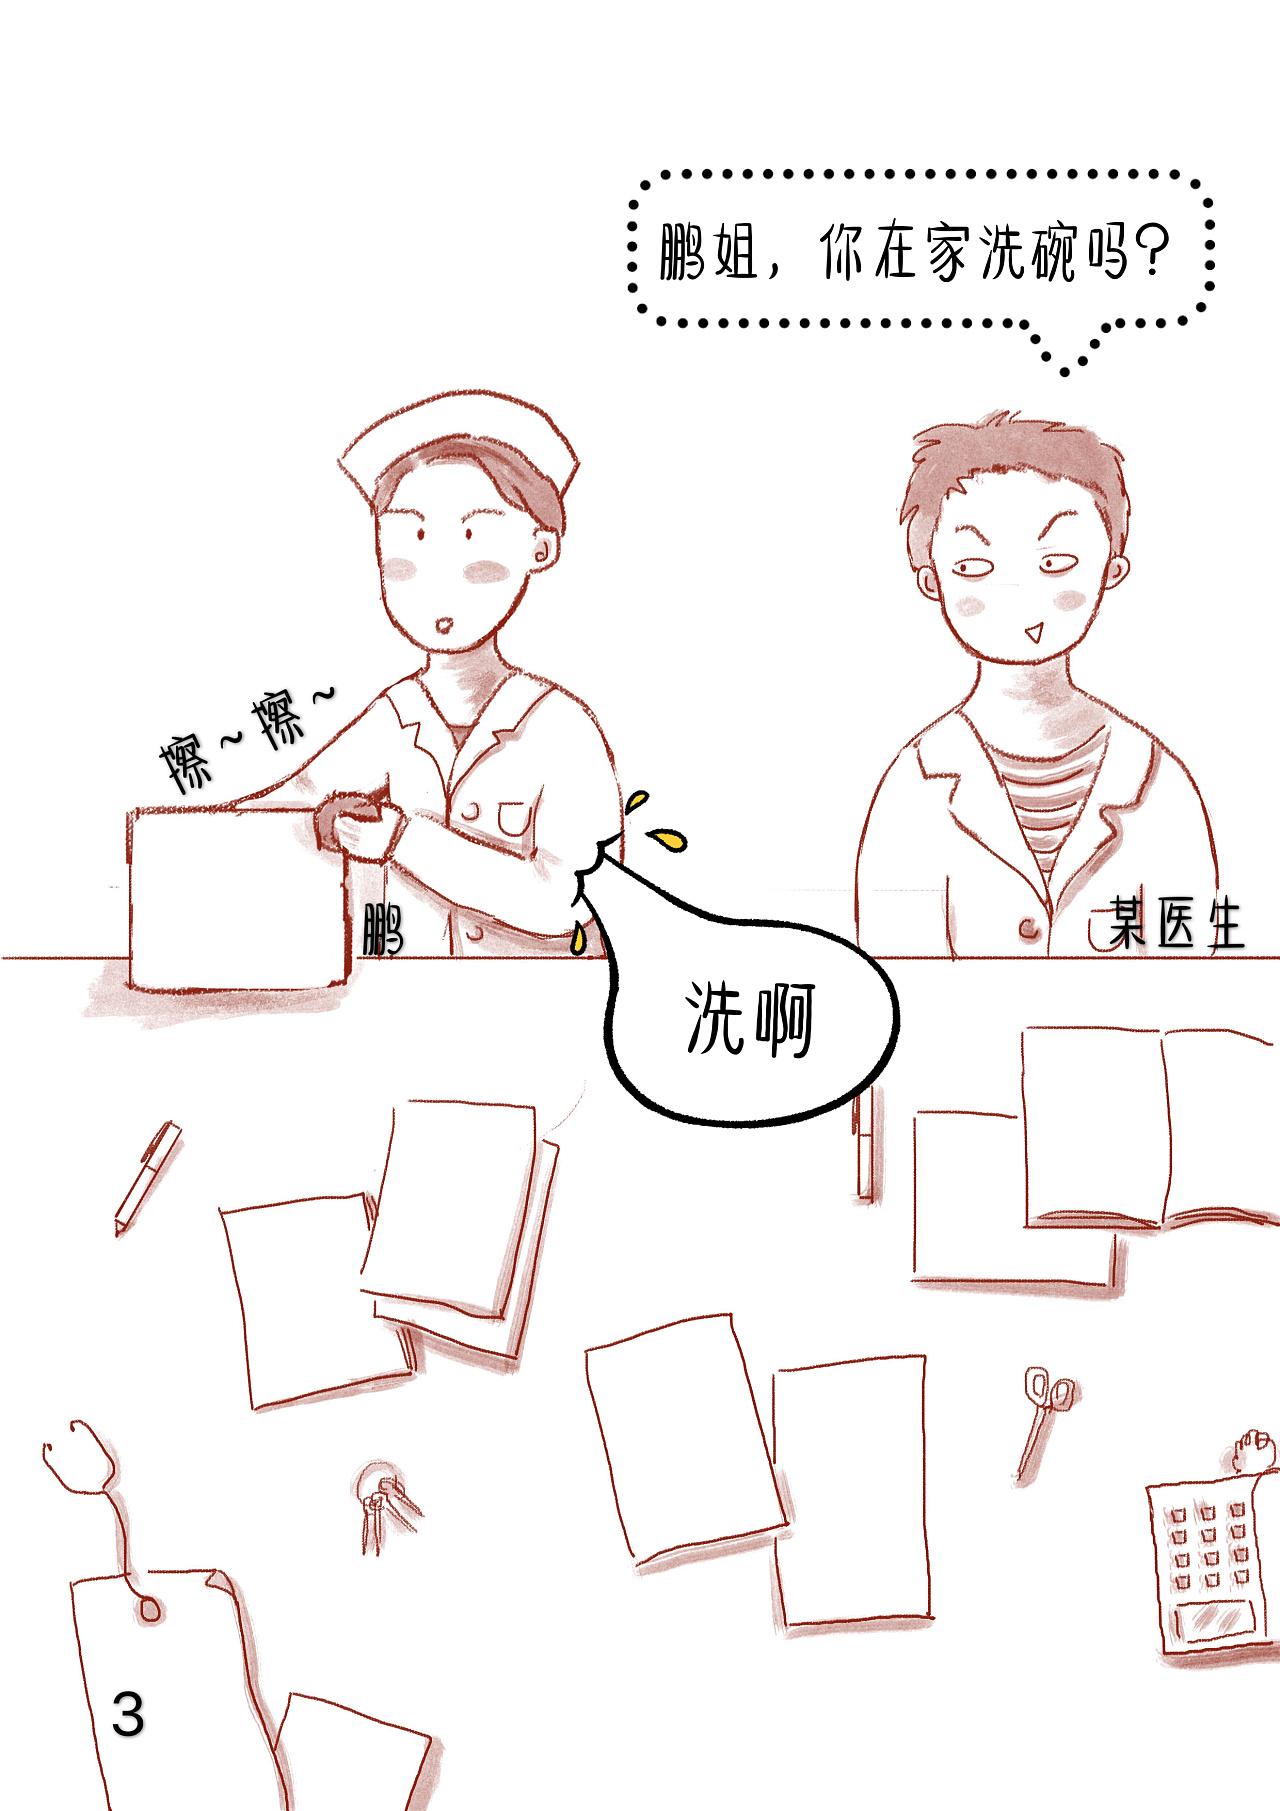 6Sv茄子|茄子|短篇/四格苍穹|饭饭漫画-原创作品动漫漫画哦斗破图片